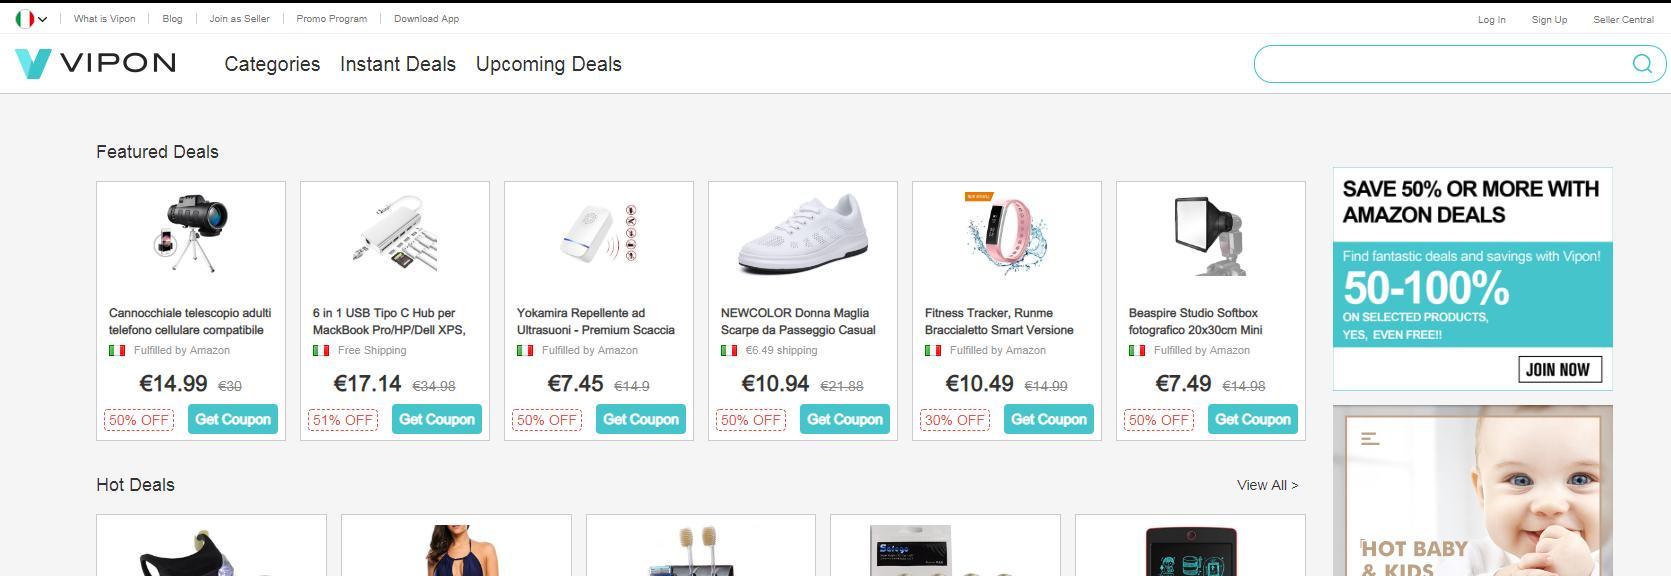 Risparmia con Amazon su Vipon risparmia su amazon con vipon - Vipon risparmia con le offerte di Amazon - Risparmia su Amazon con Vipon